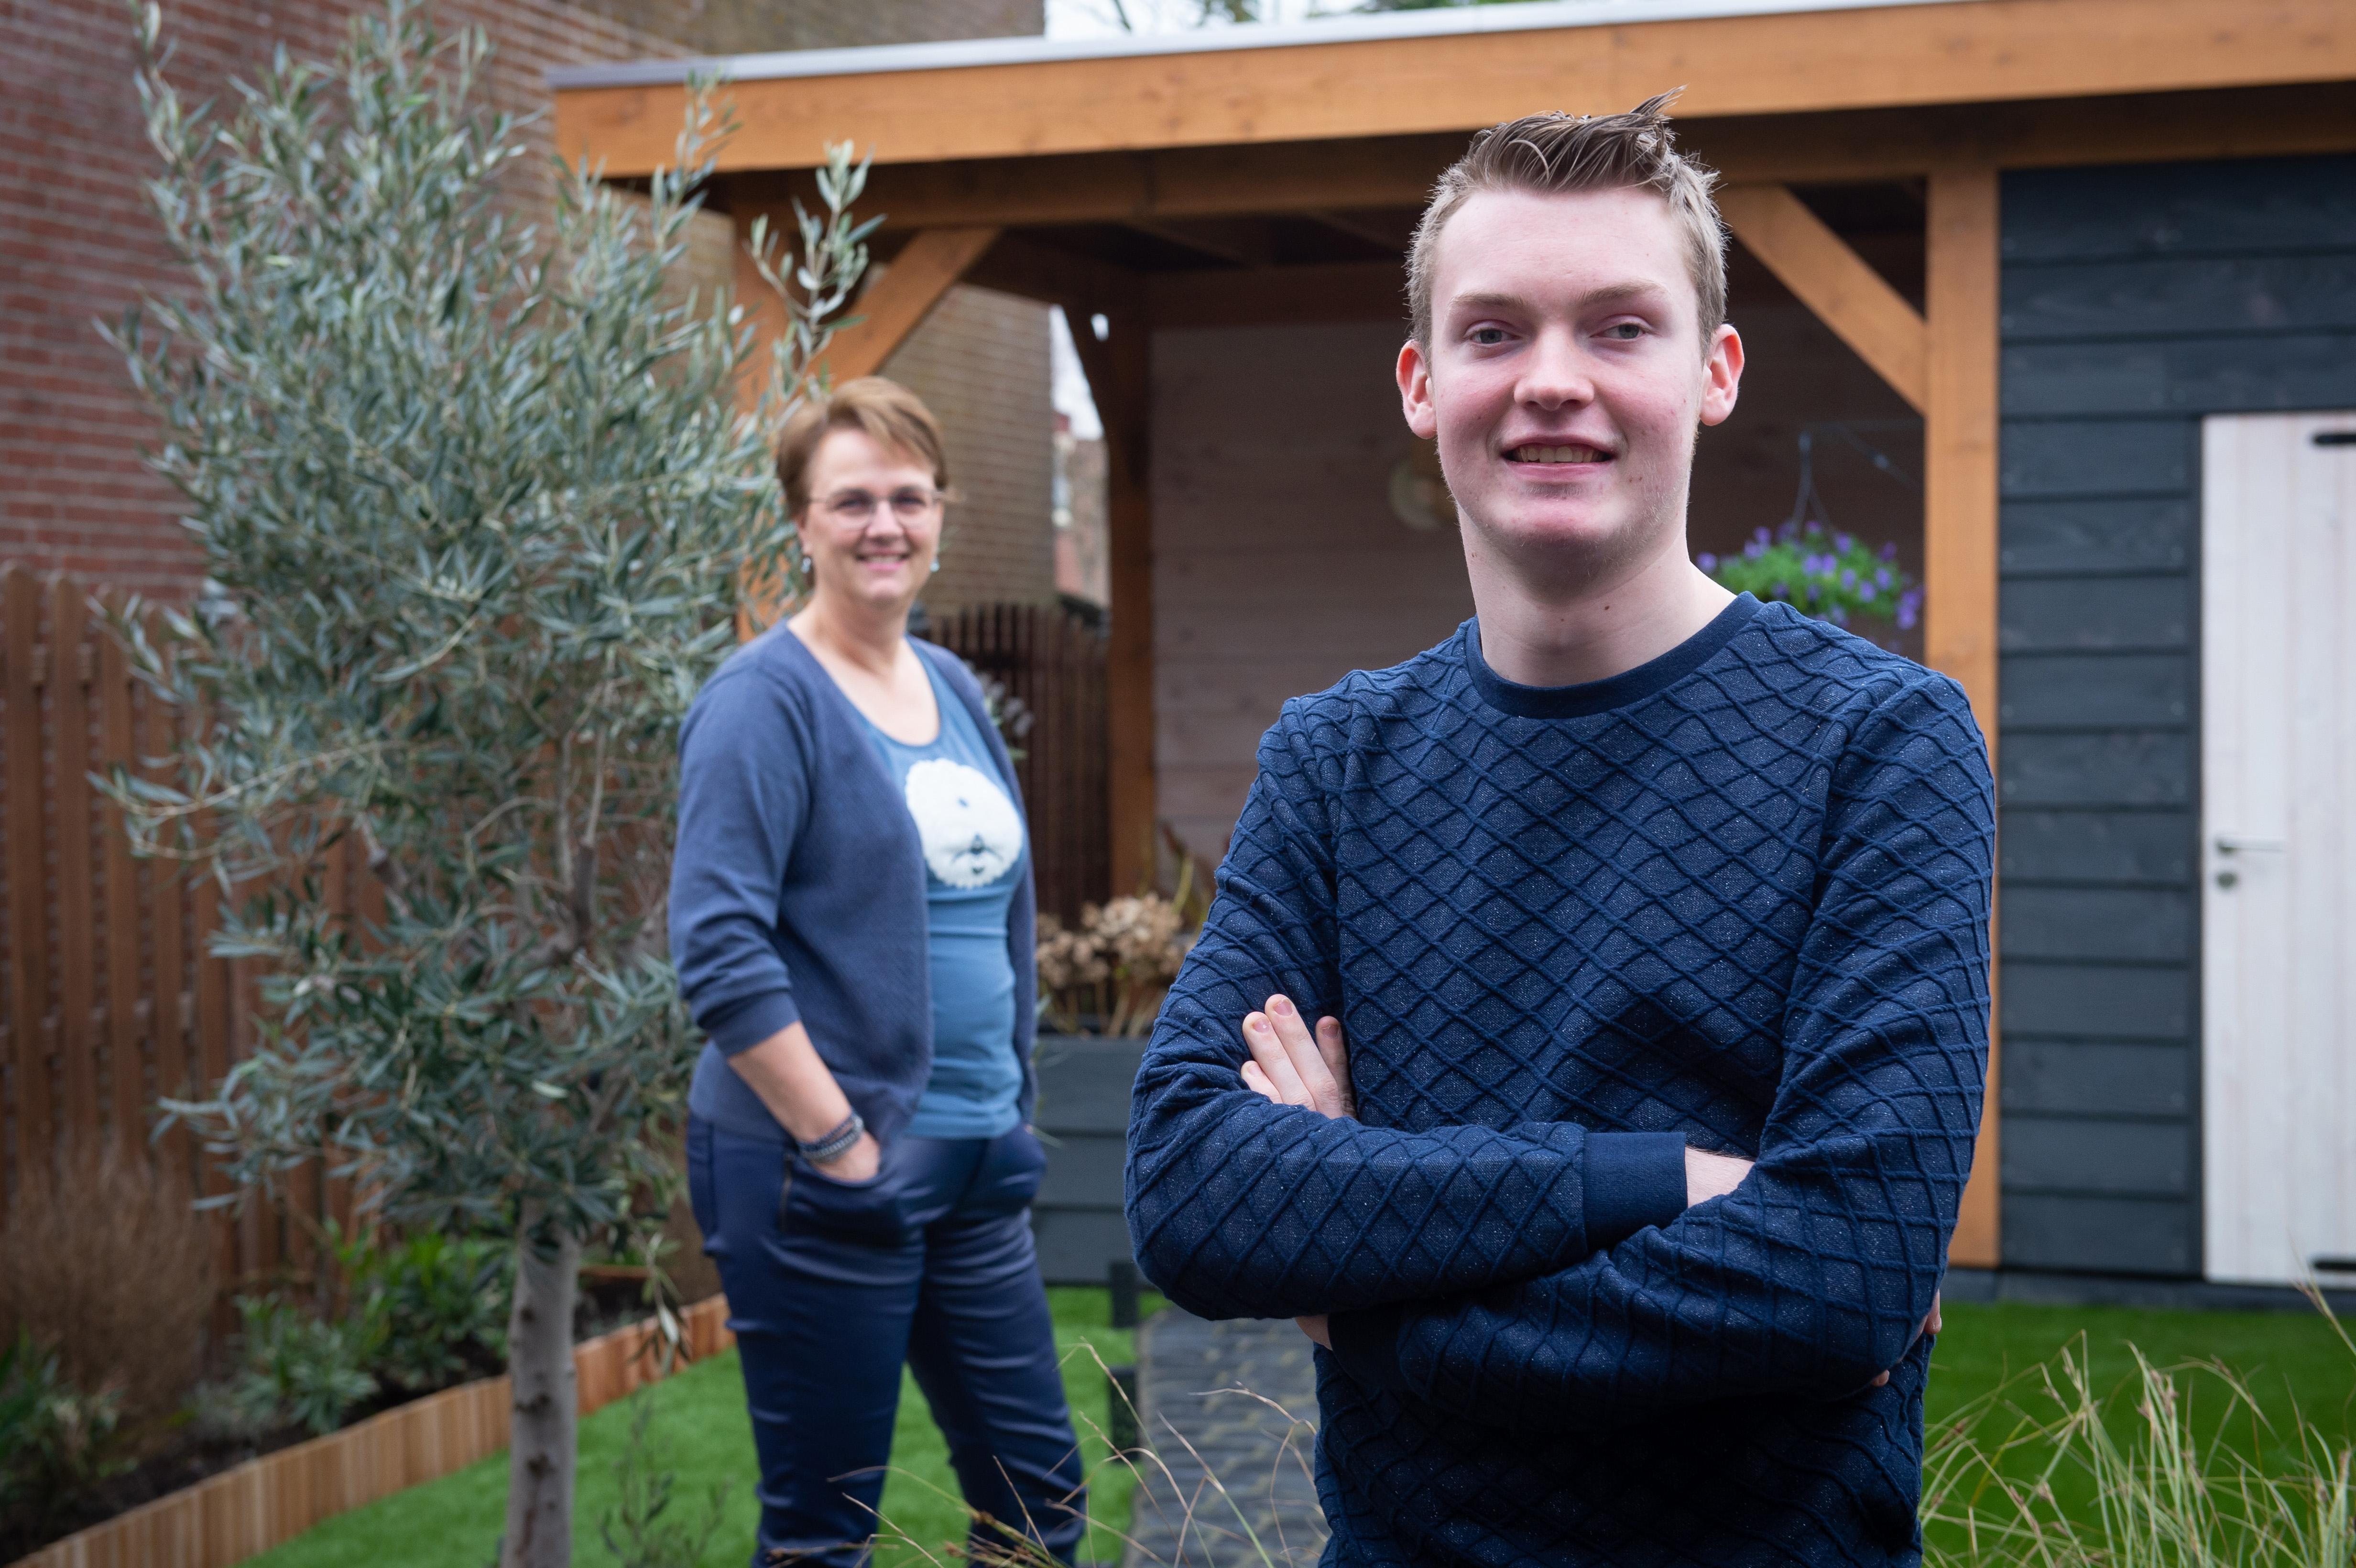 Coach Anita van Floor Jongerencoaching helpt kwetsbare jongeren op weg, zoals de bijna blinde Mike uit Assendelft die bakker wilde worden. 'Ik heb een jaarcontract gekregen'